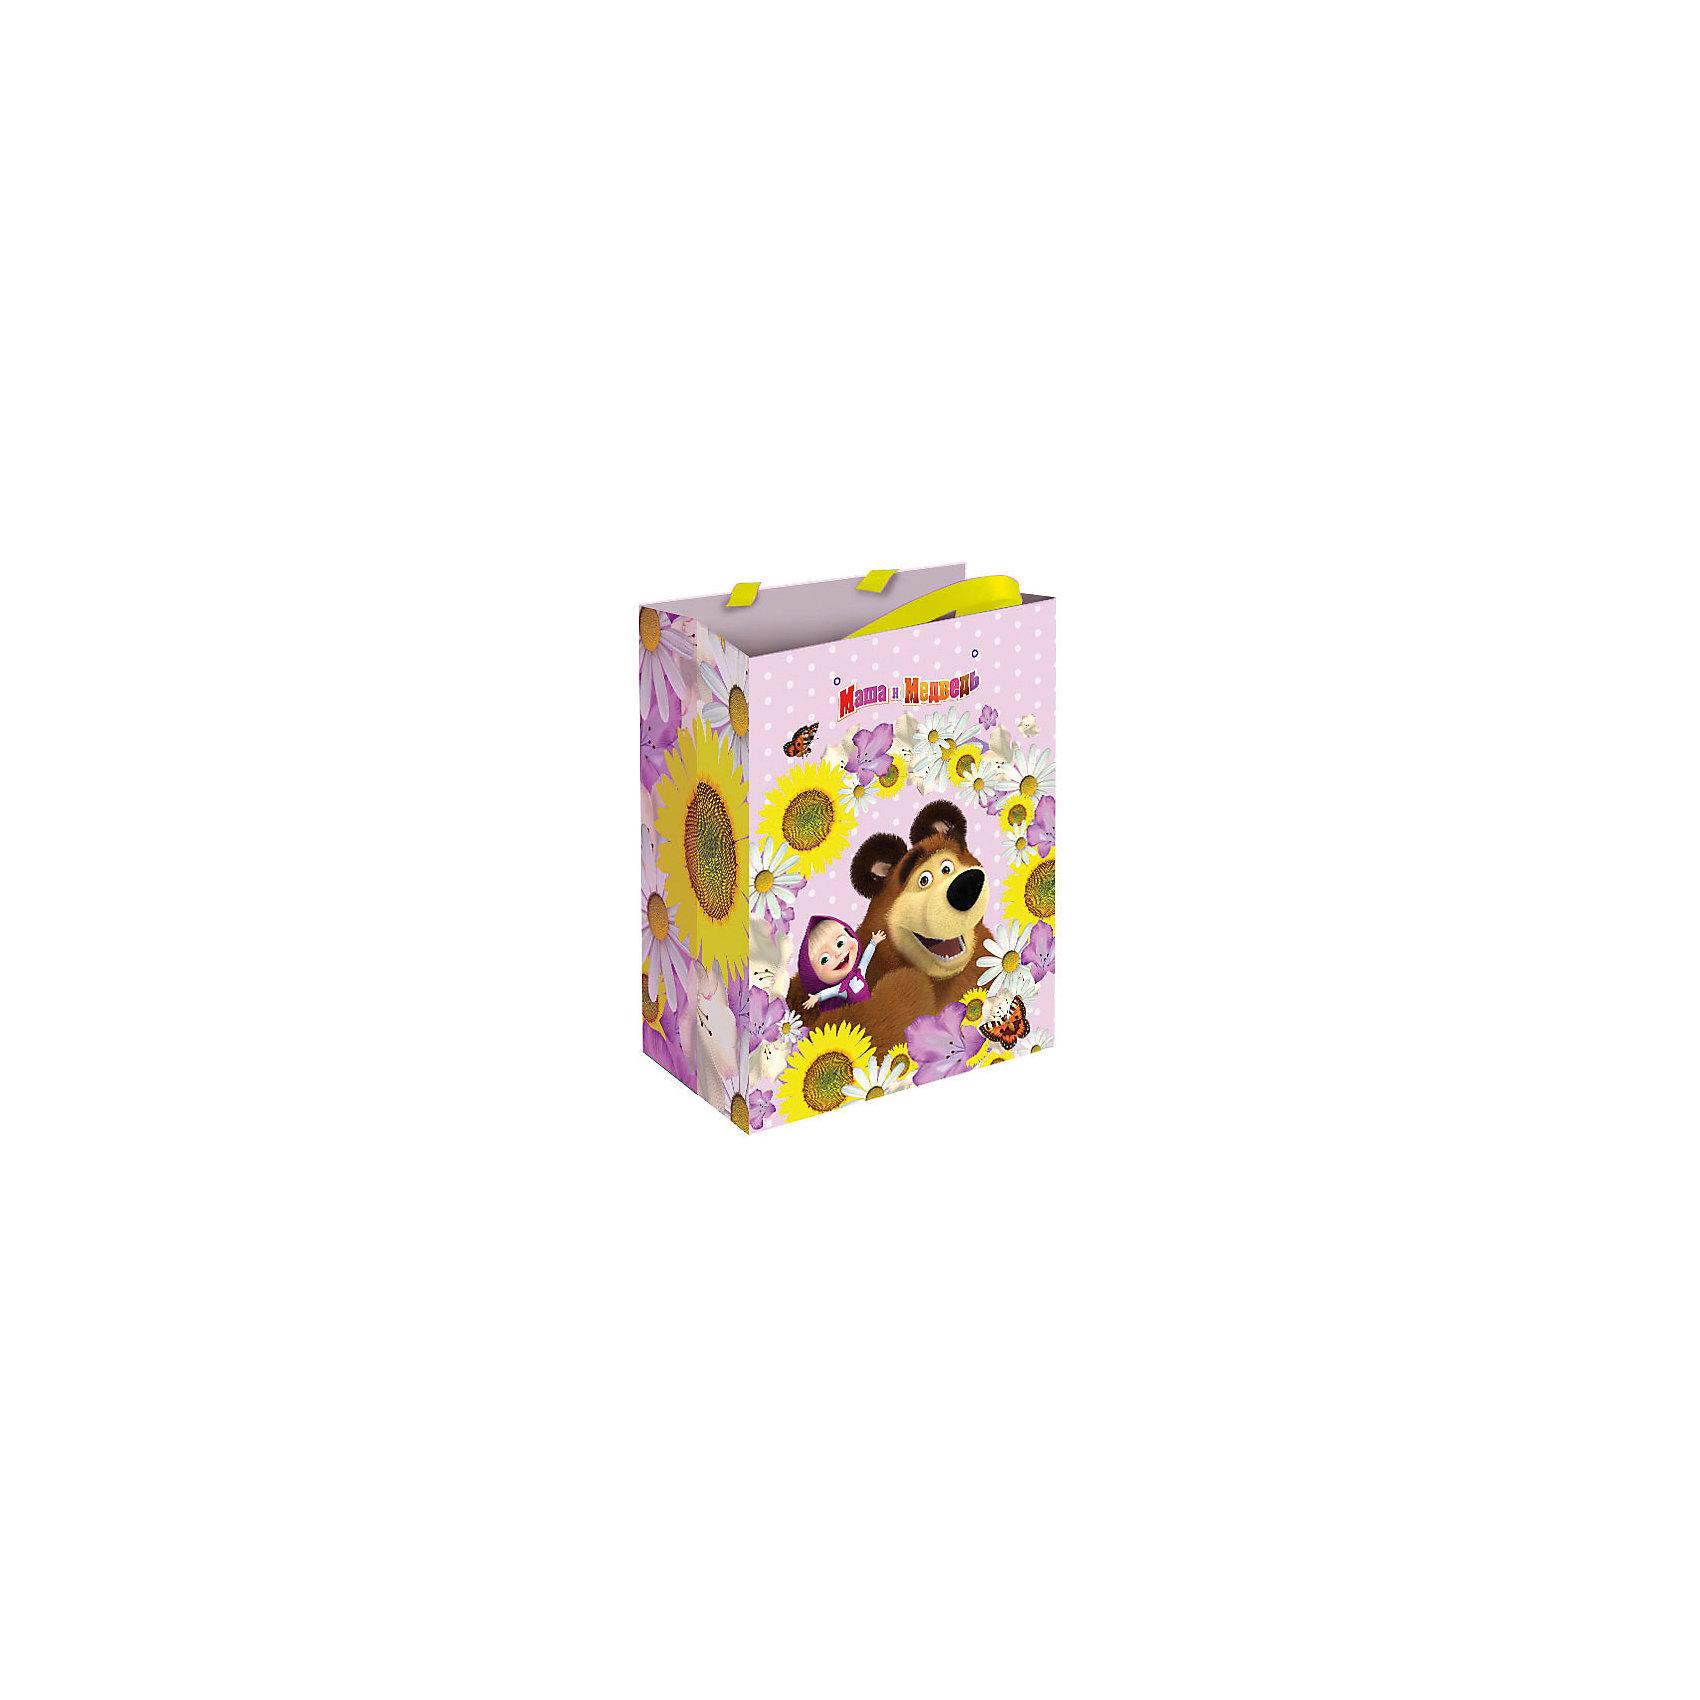 Подарочный пакет «Маша» 23*18*10 смПодарочный пакет «Маша» 23*18*10 см – этот аксессуар станет незаменимым дополнением к выбранному подарку.<br>Яркий подарочный пакет «Маша» с очаровательными героями мультфильма «Маша и Медведь» празднично украсит любой подарок для маленькой девочки и сделает его эффектным и запоминающимся. Для удобной переноски на пакете имеются две ручки из ленты.<br><br>Дополнительная информация:<br><br>- Размер: 23х18х10 см.<br>- Материал: бумага<br><br>Подарочный пакет «Маша» 23*18*10 см можно купить в нашем интернет-магазине.<br><br>Ширина мм: 230<br>Глубина мм: 180<br>Высота мм: 5<br>Вес г: 51<br>Возраст от месяцев: 36<br>Возраст до месяцев: 84<br>Пол: Женский<br>Возраст: Детский<br>SKU: 4278389